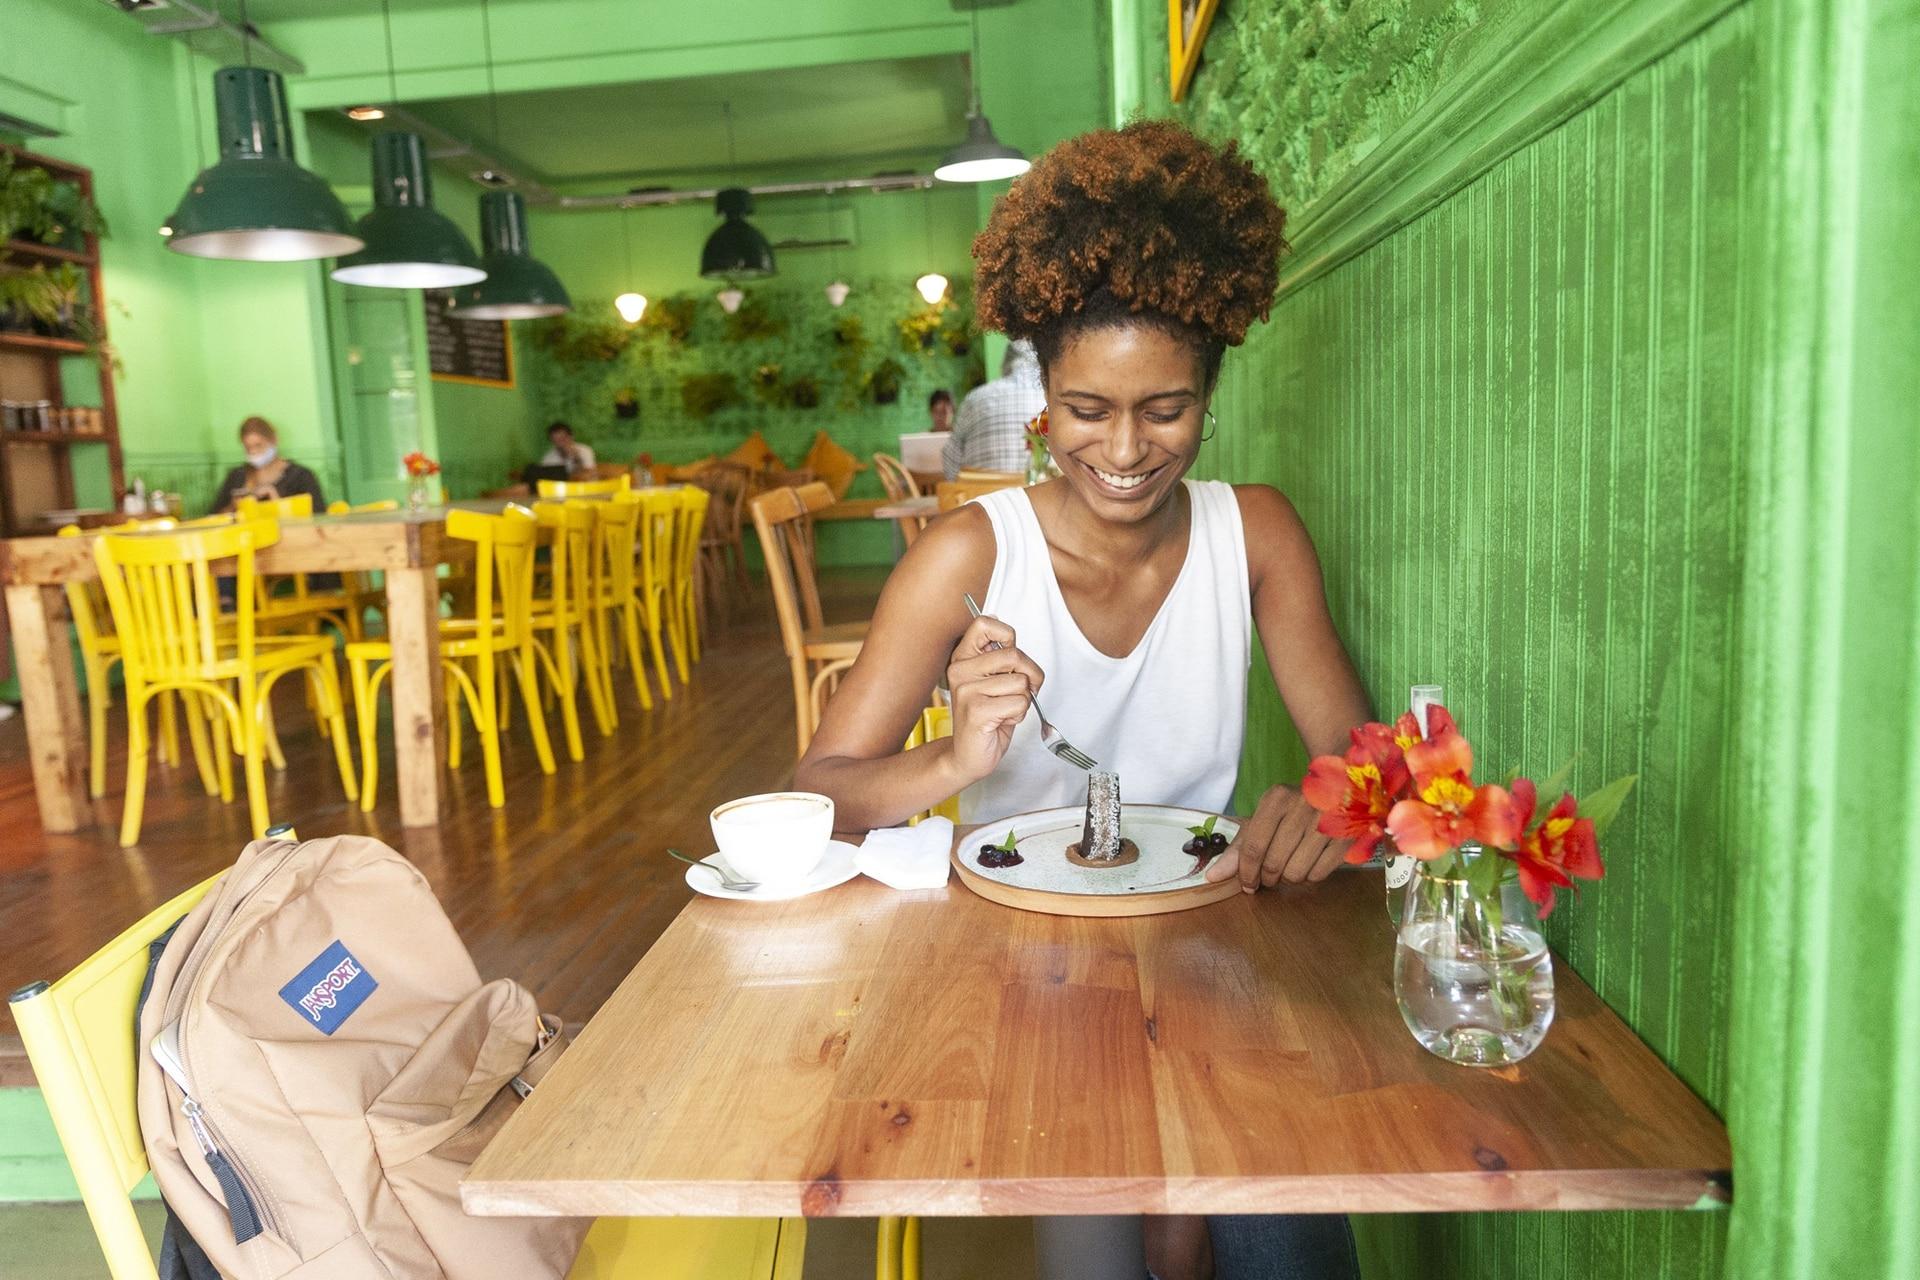 En Eggs&Greens una nutricionista ayudó a confeccionar el menú